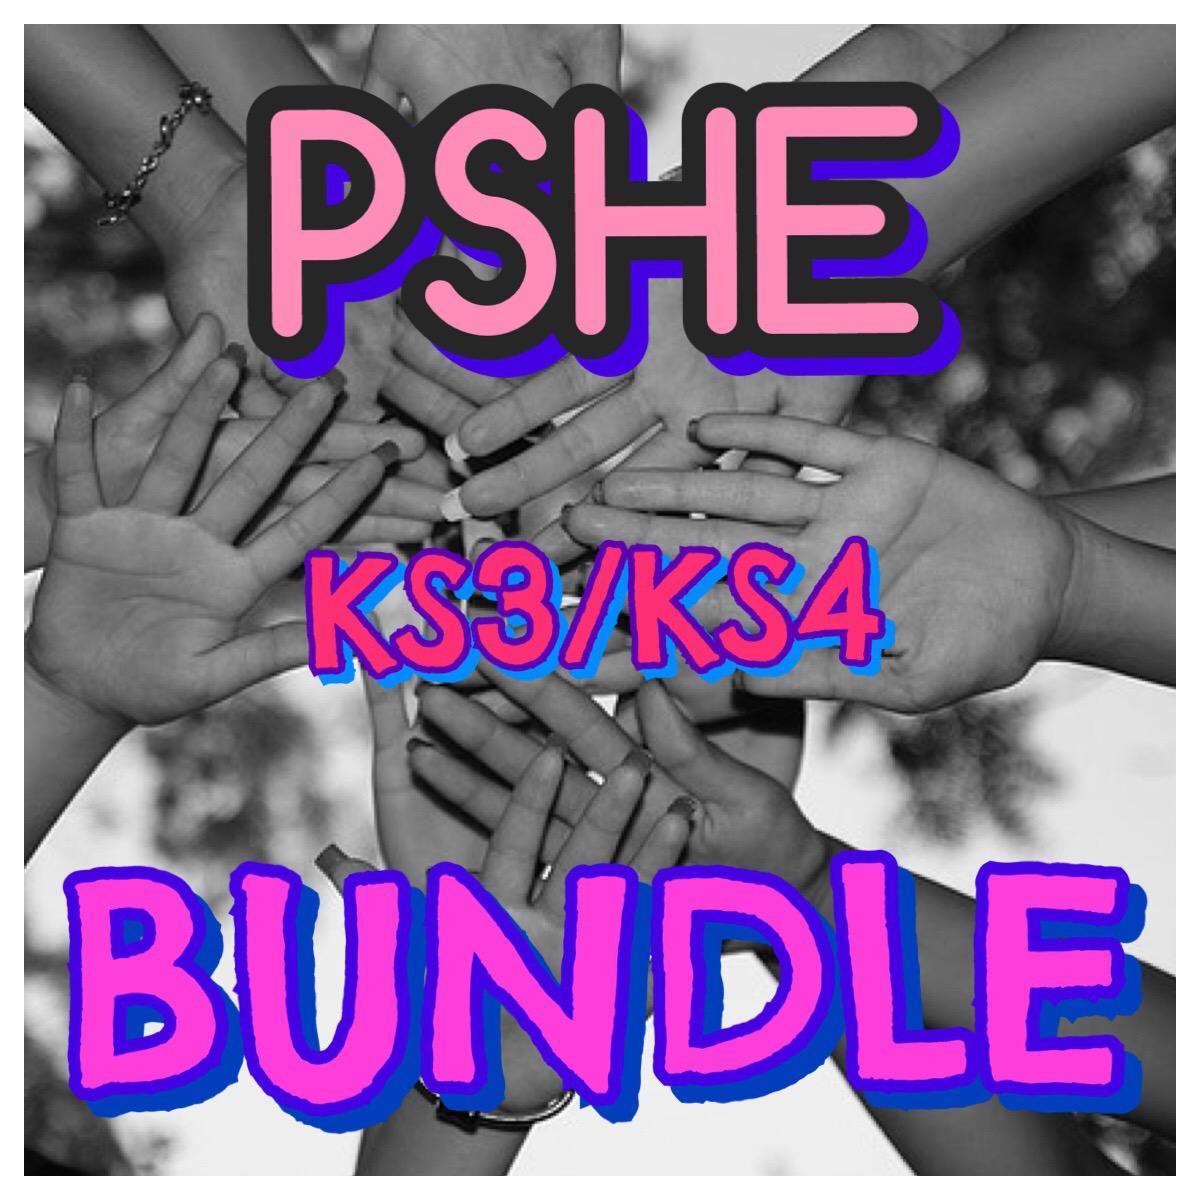 PSHE for KS3/KS4